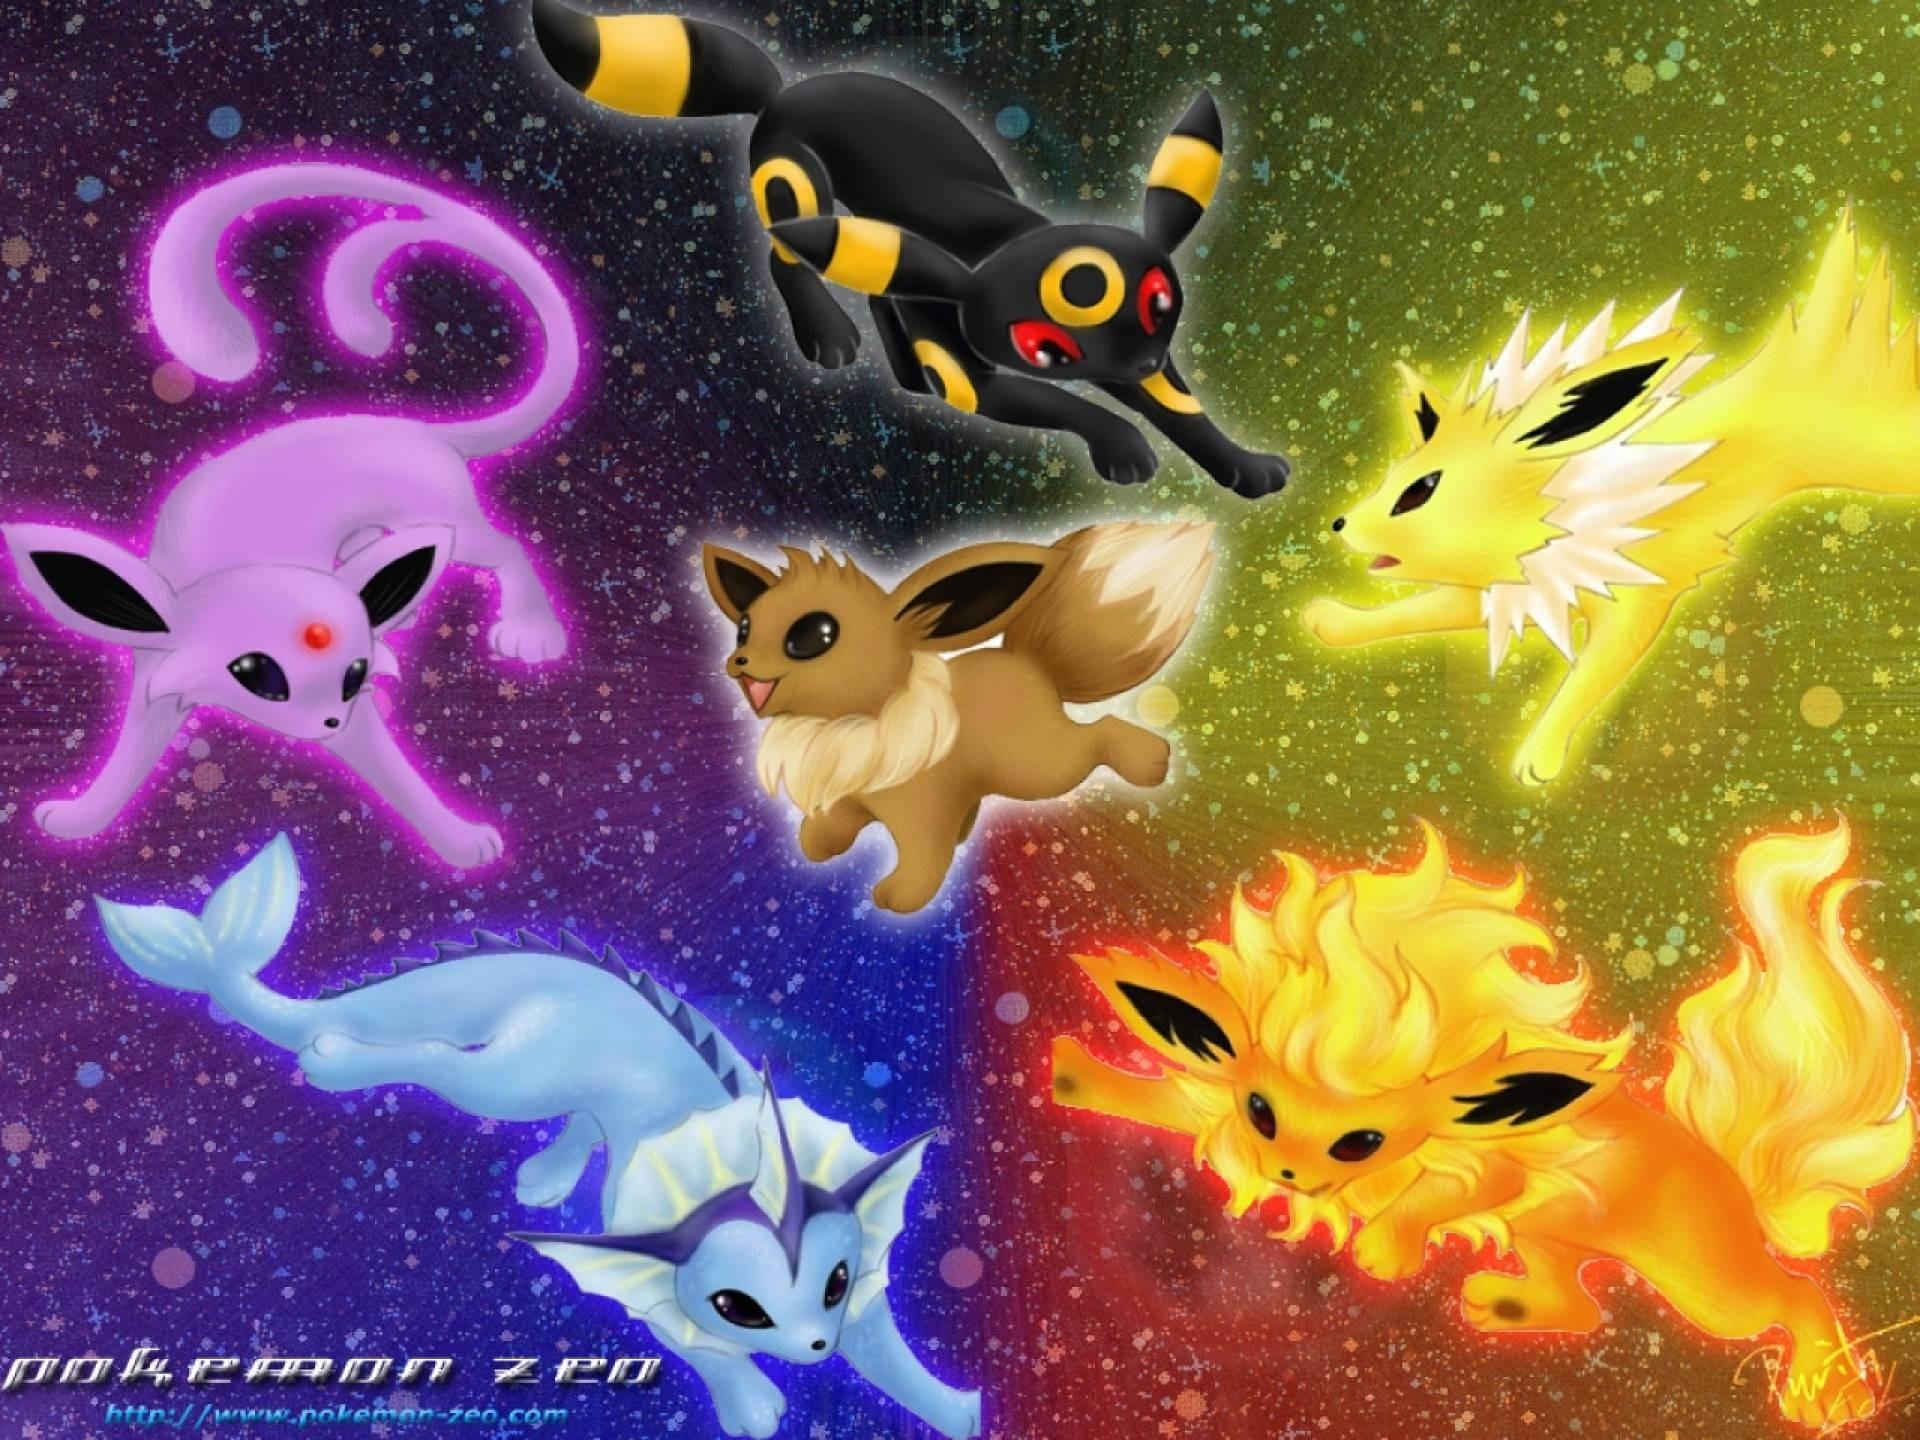 1920x1440 Images For Legendary Pokemon Wallpaper Hd